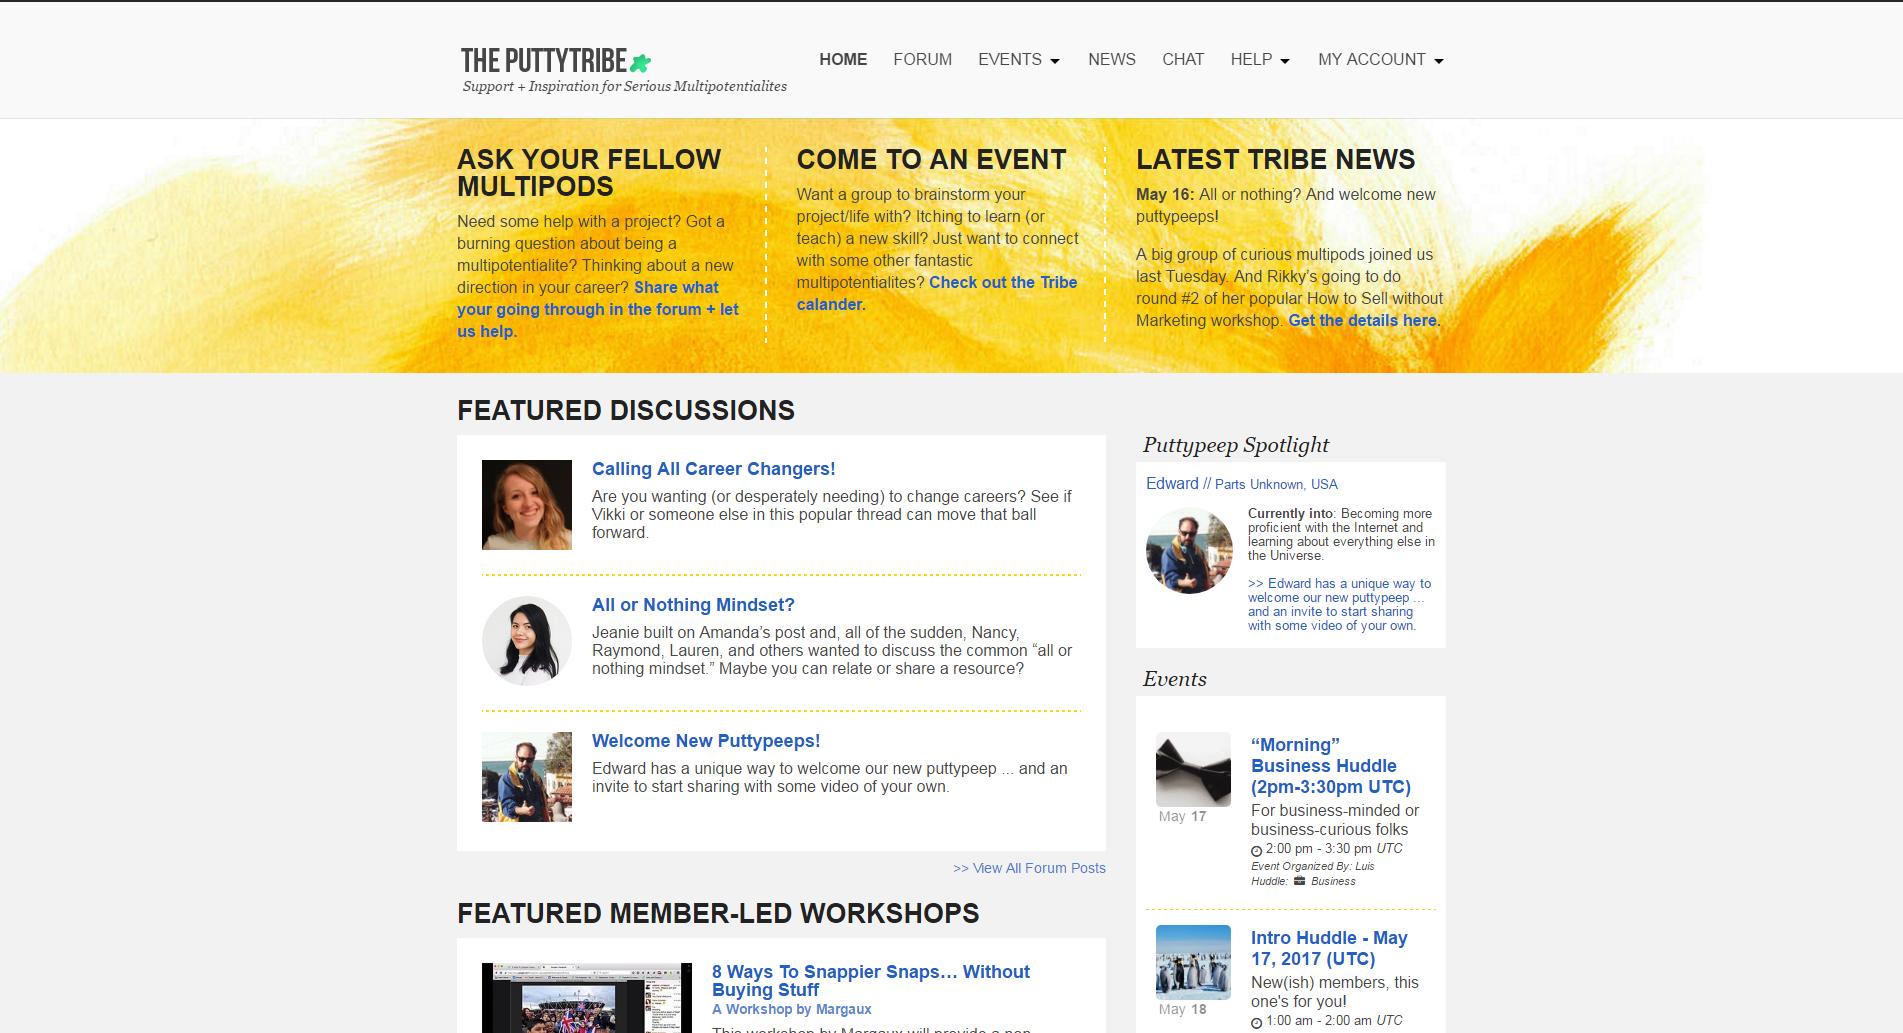 Homepage (Desktop View)